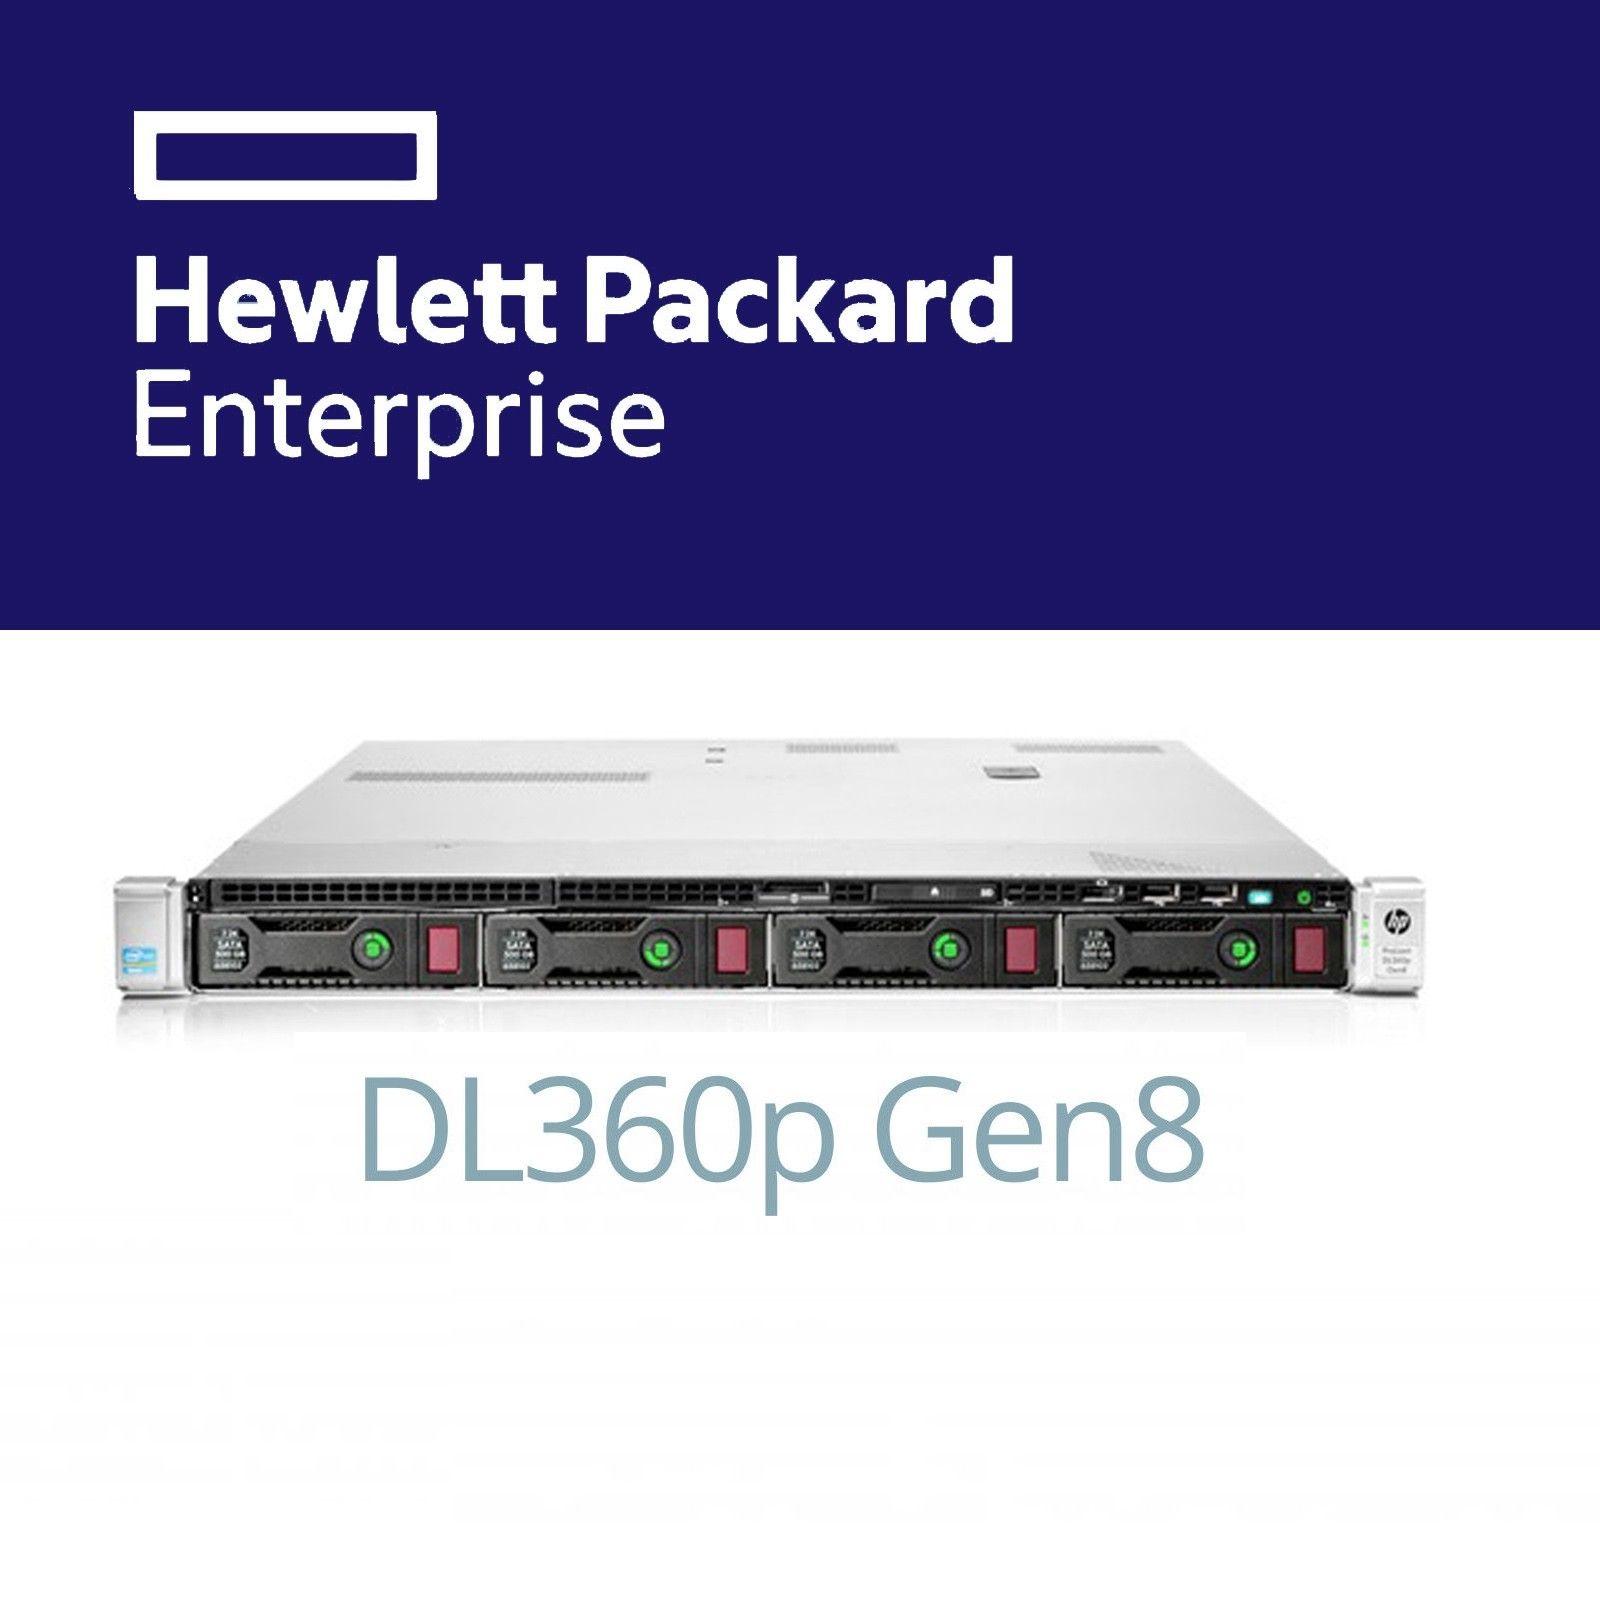 HP-ProLiant-DL360p-Gen8-V2-4x-LFF-128GB-RAM-2x-E5-L-Intel-Xeon-Ten-Core-1U-Serve